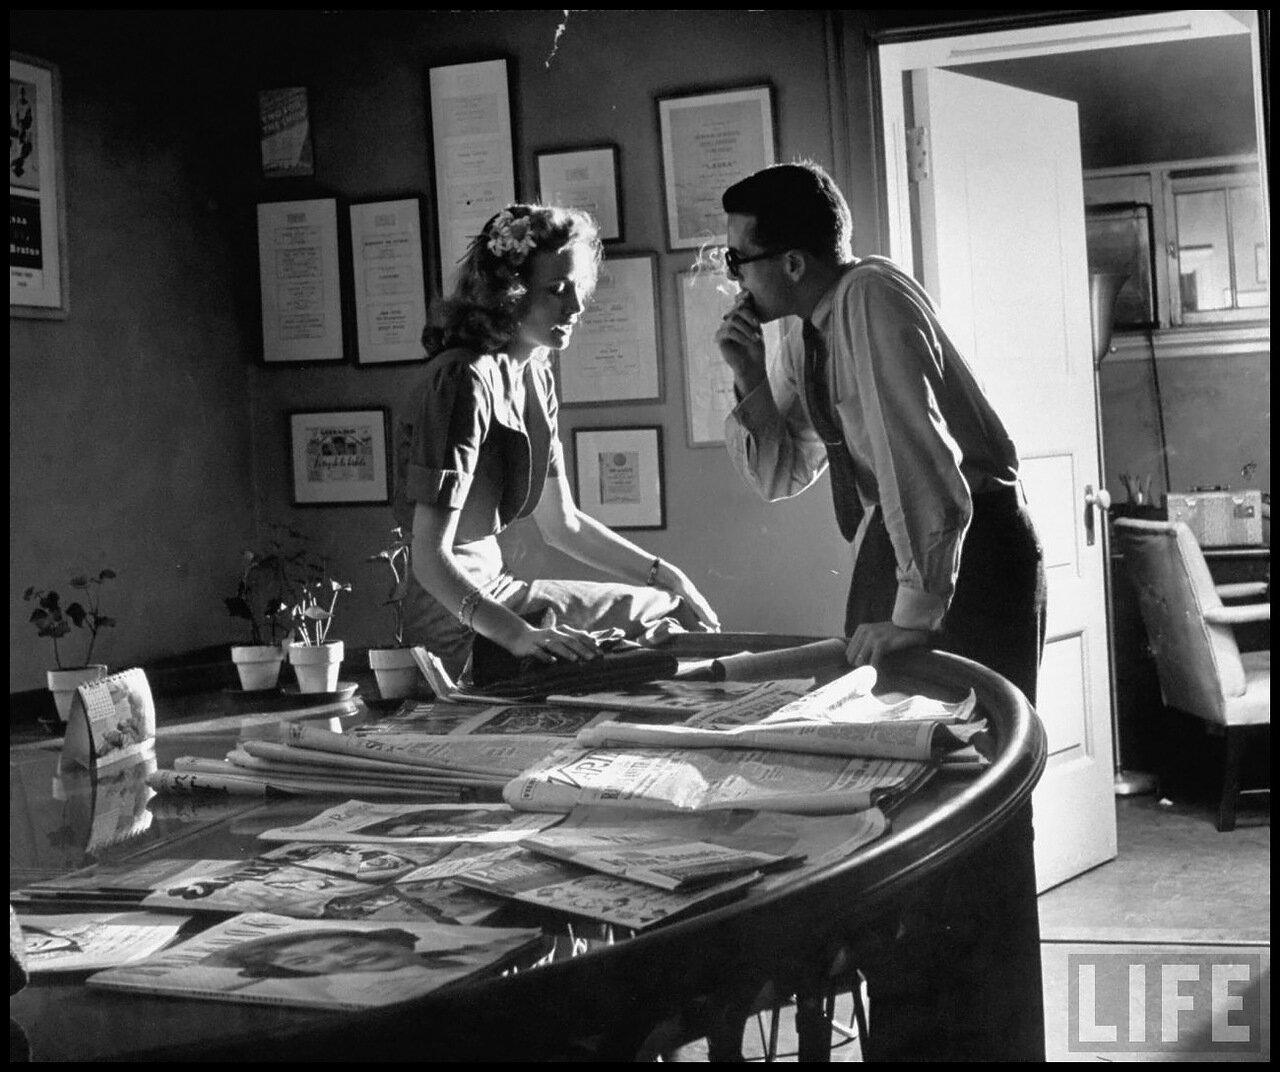 1949. Ева Мари Сент  беседует с ее агентом Чарли Бейкером